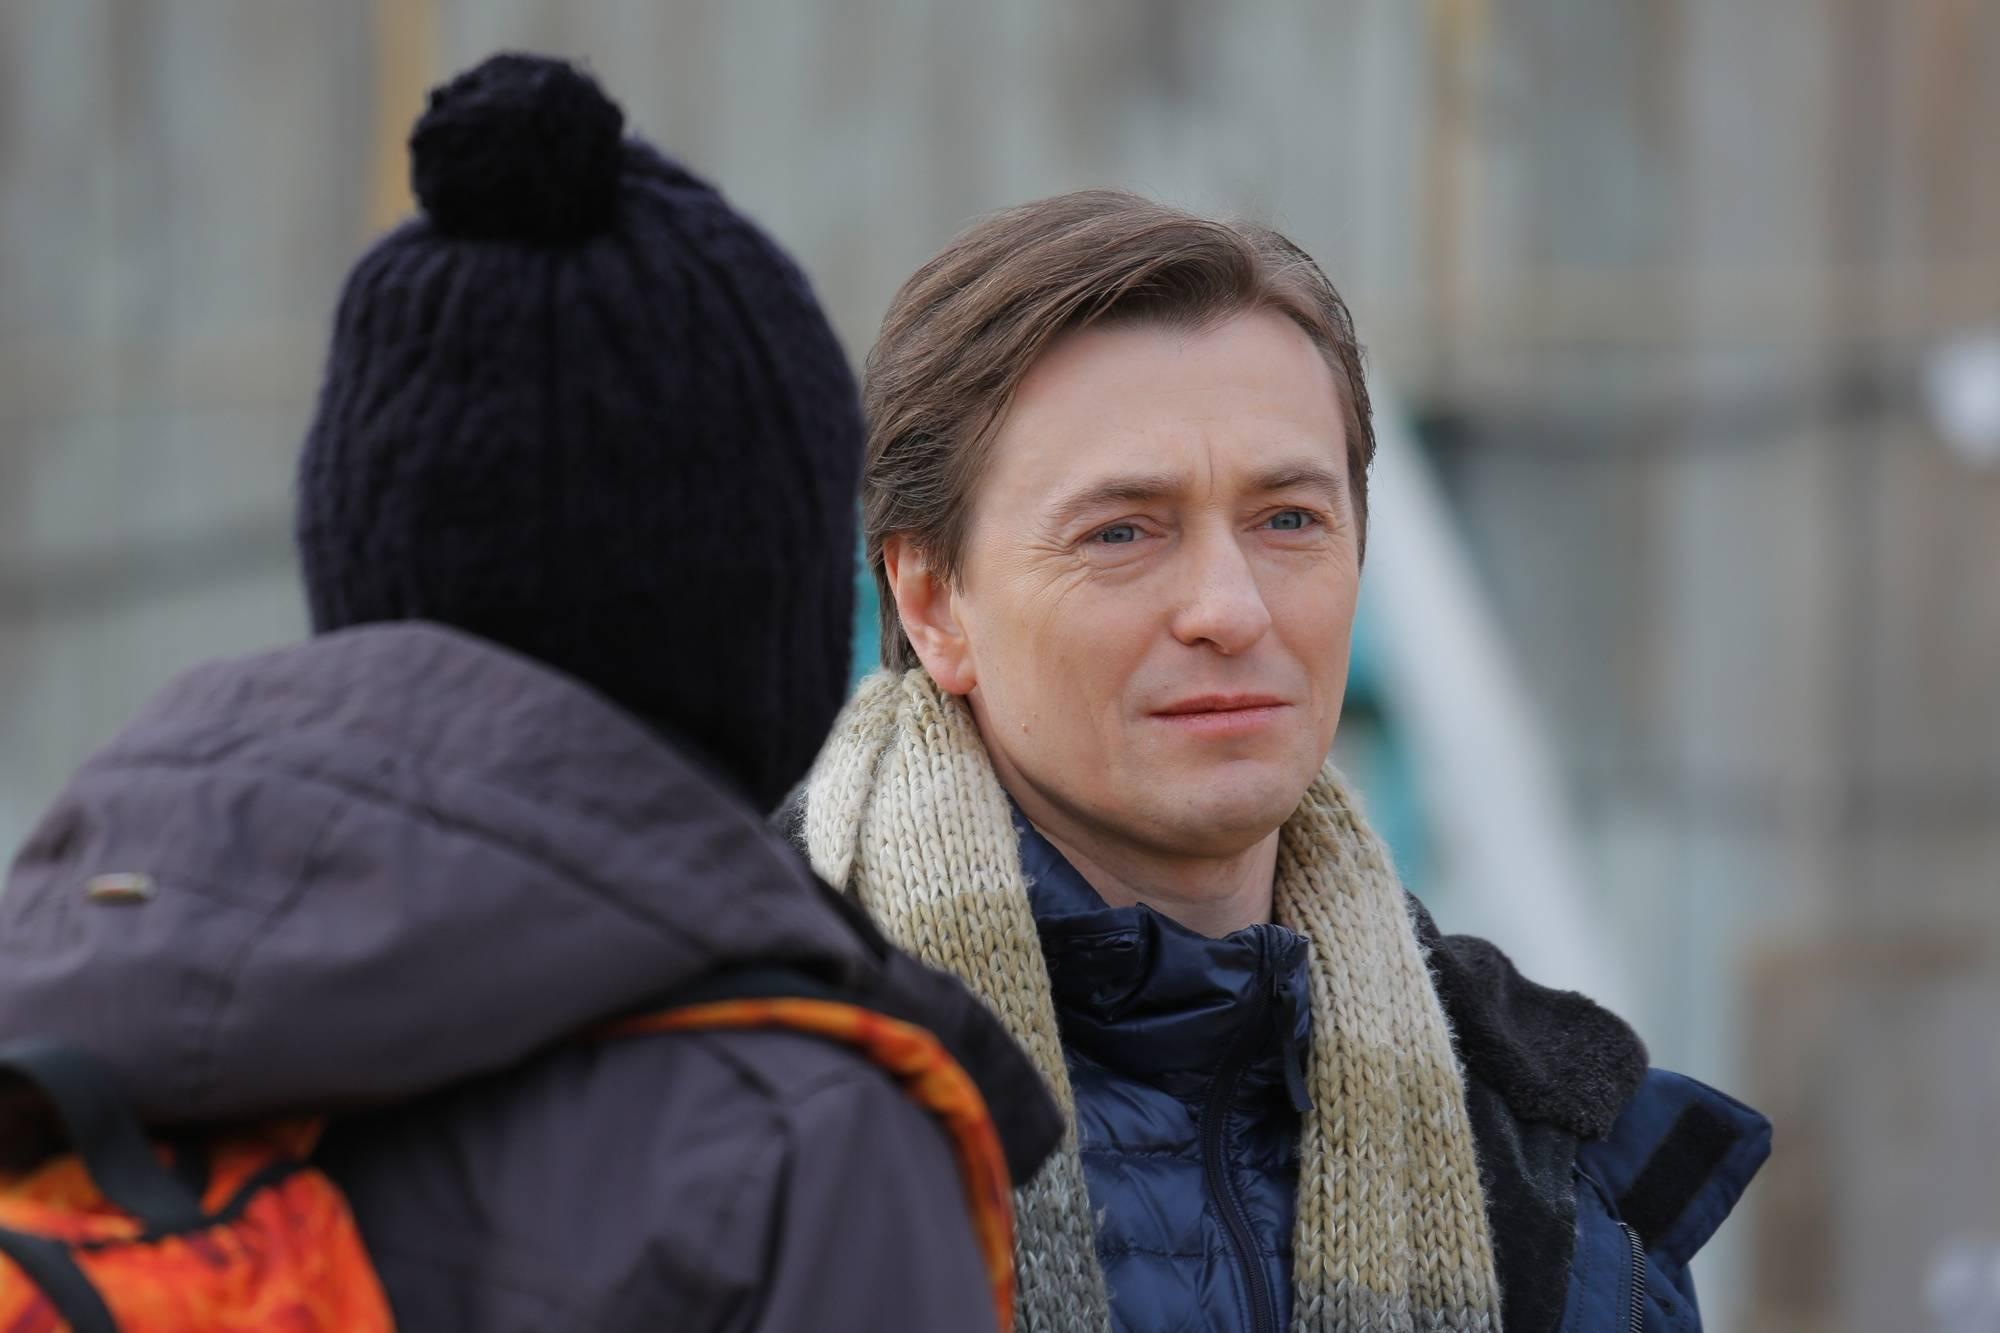 Сергей Безруков впервые показал внебрачных детей: как выглядят